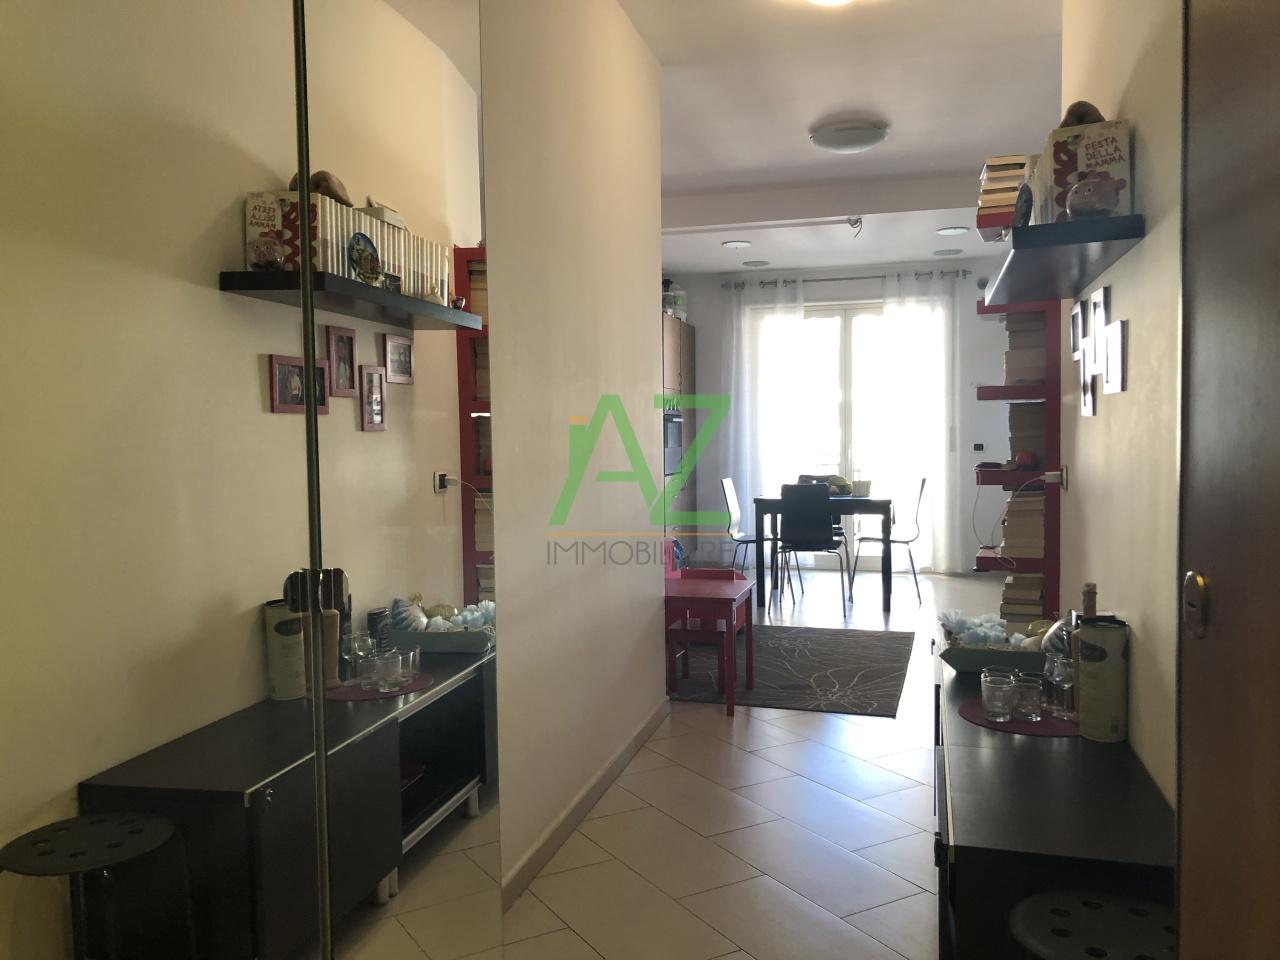 Appartamenti e Attici MISTERBIANCO vendita  Centro  AZ Immobiliare Misterbianco